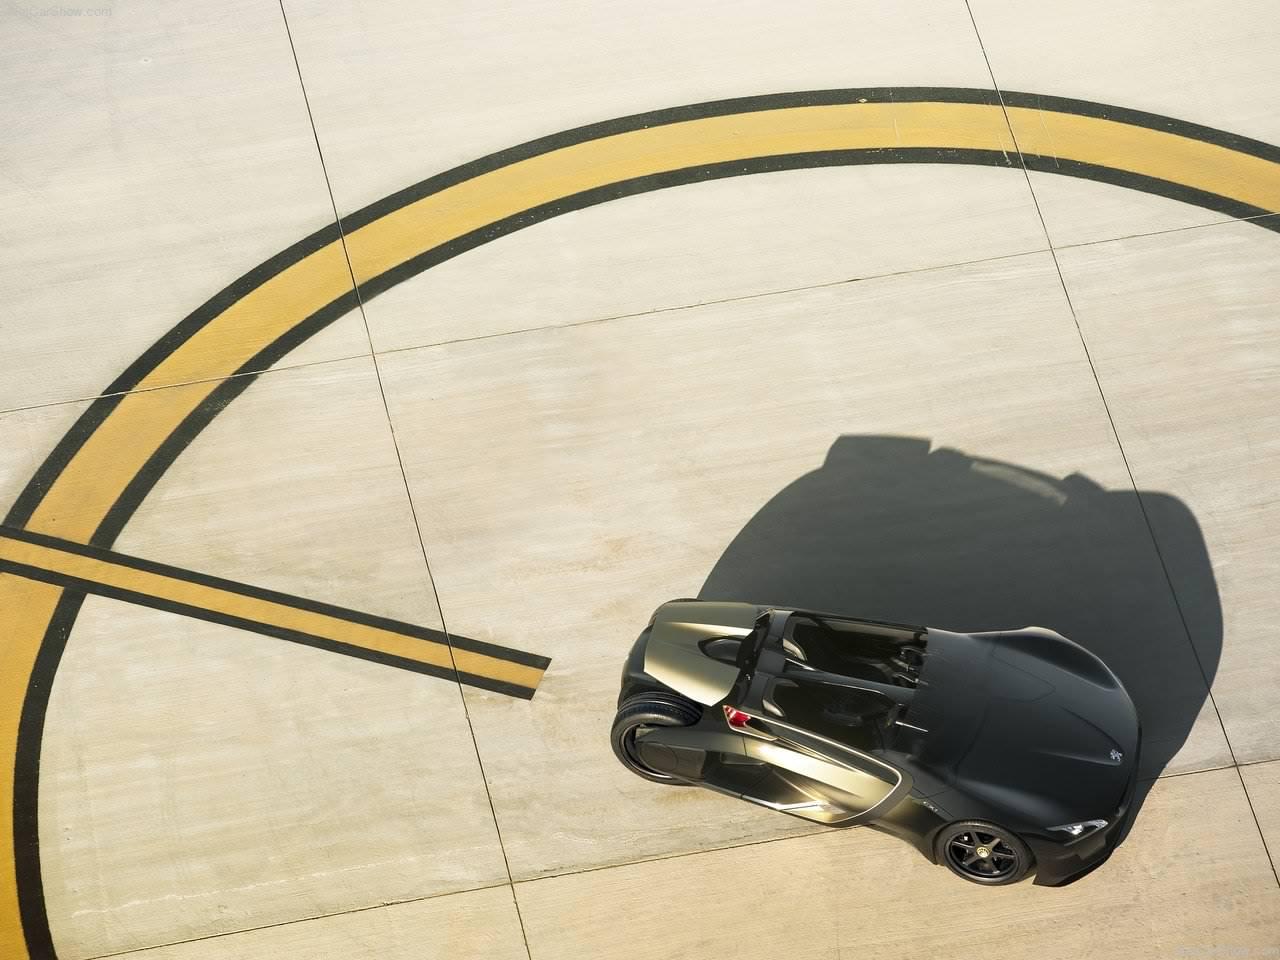 http://3.bp.blogspot.com/_lsyt_wQ2awY/TJrm2dM10LI/AAAAAAACFNw/5K9GQdFNUMA/s1600/Peugeot-EX1_Concept_2010_1280x960_wallpaper_06.jpg